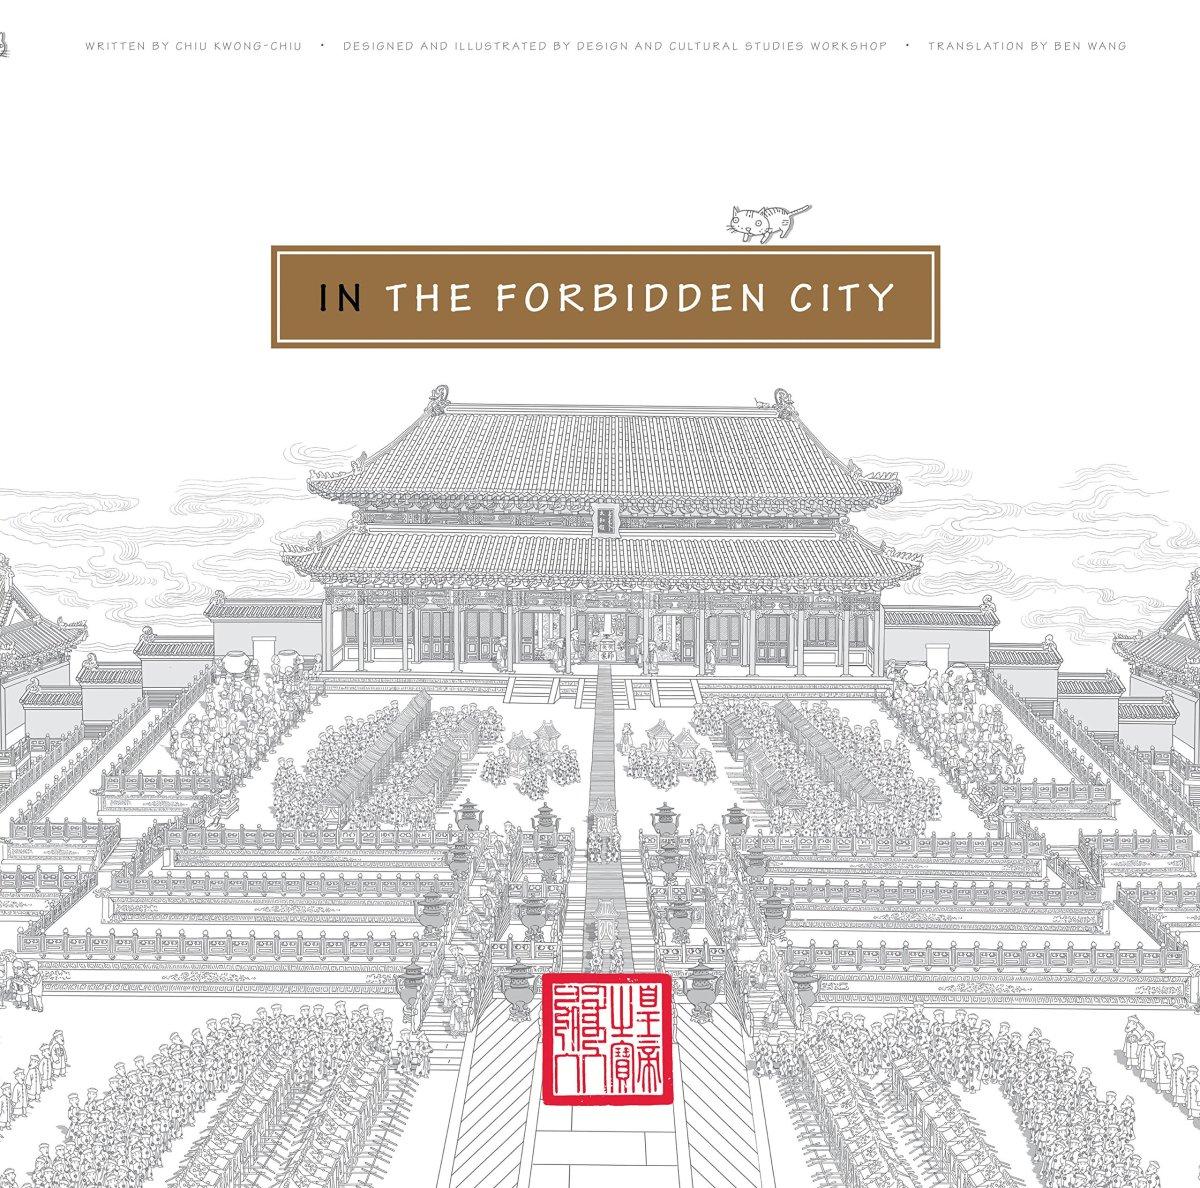 In the Forbidden City by Chiu Kwong-Chiu